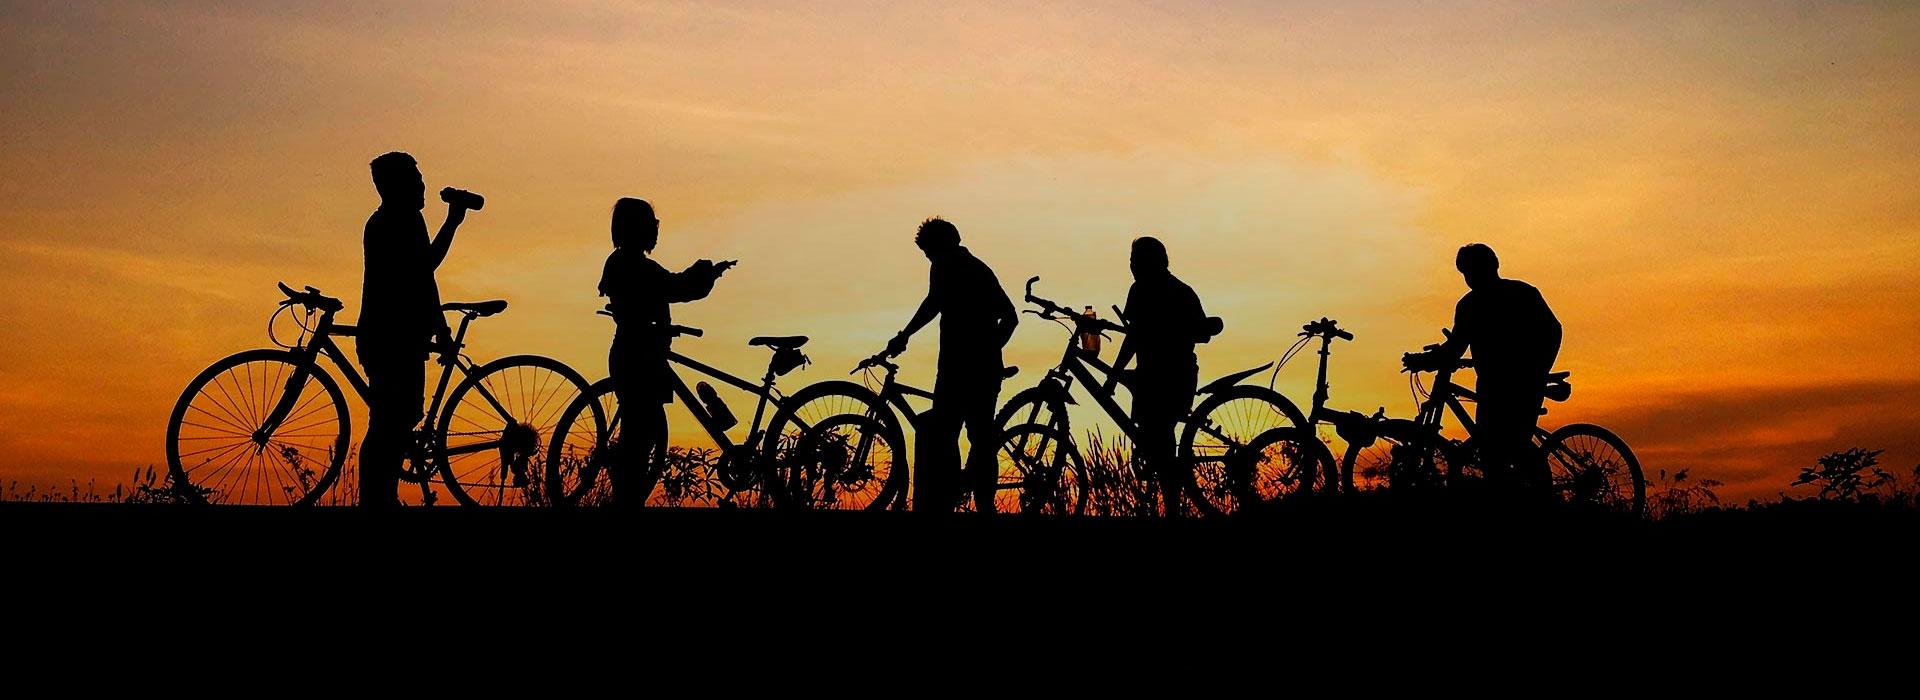 sistime-pedal-dia-das-maes-batom-bikers-2016-capa